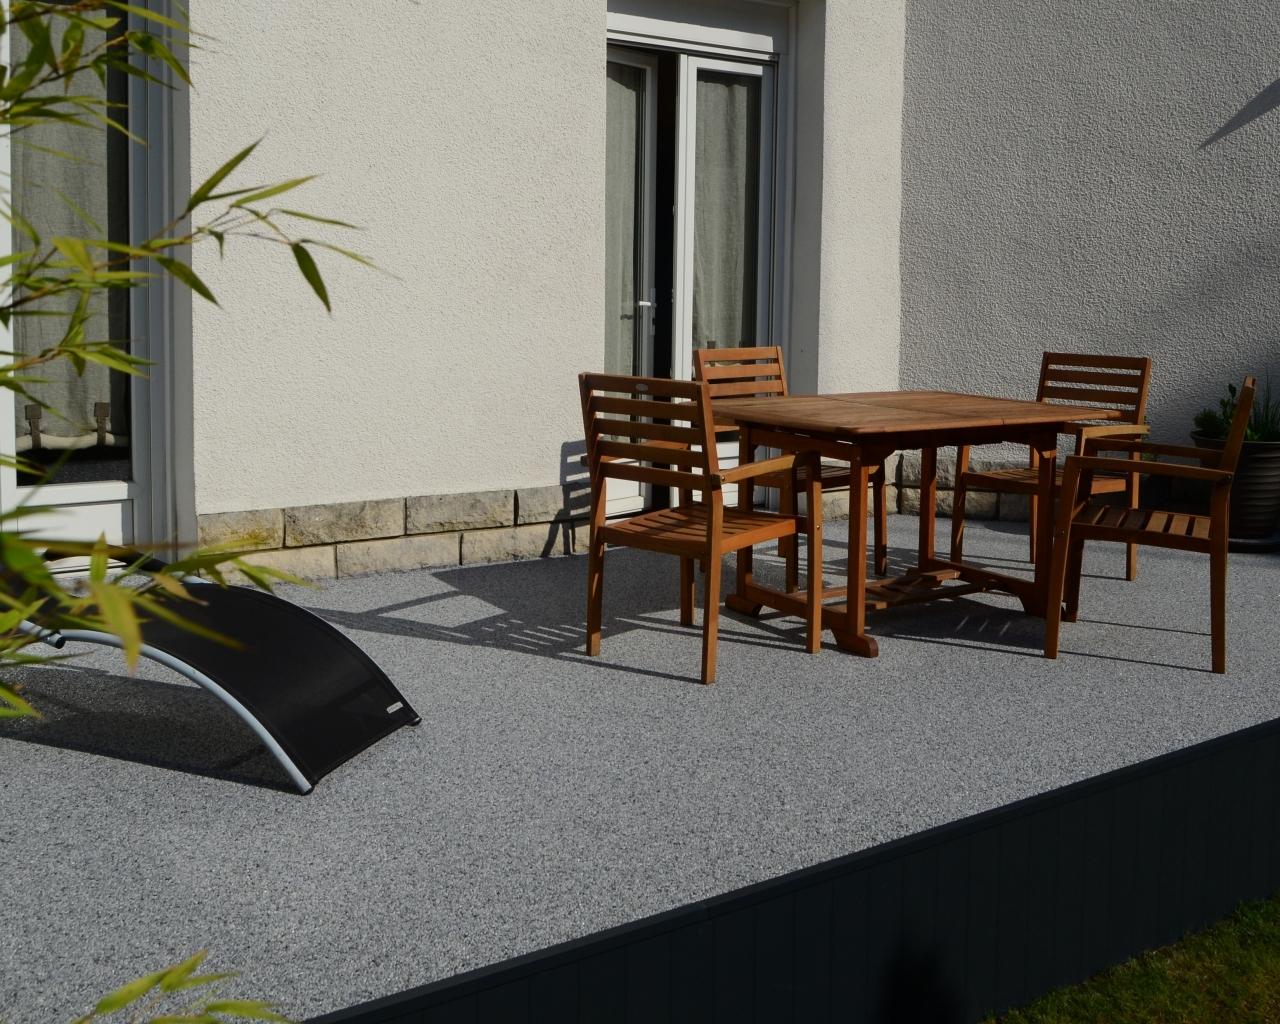 hydrostar pour am nagement d 39 all e du r seau de cr ateurs d 39 all es daniel moquet en belgique. Black Bedroom Furniture Sets. Home Design Ideas